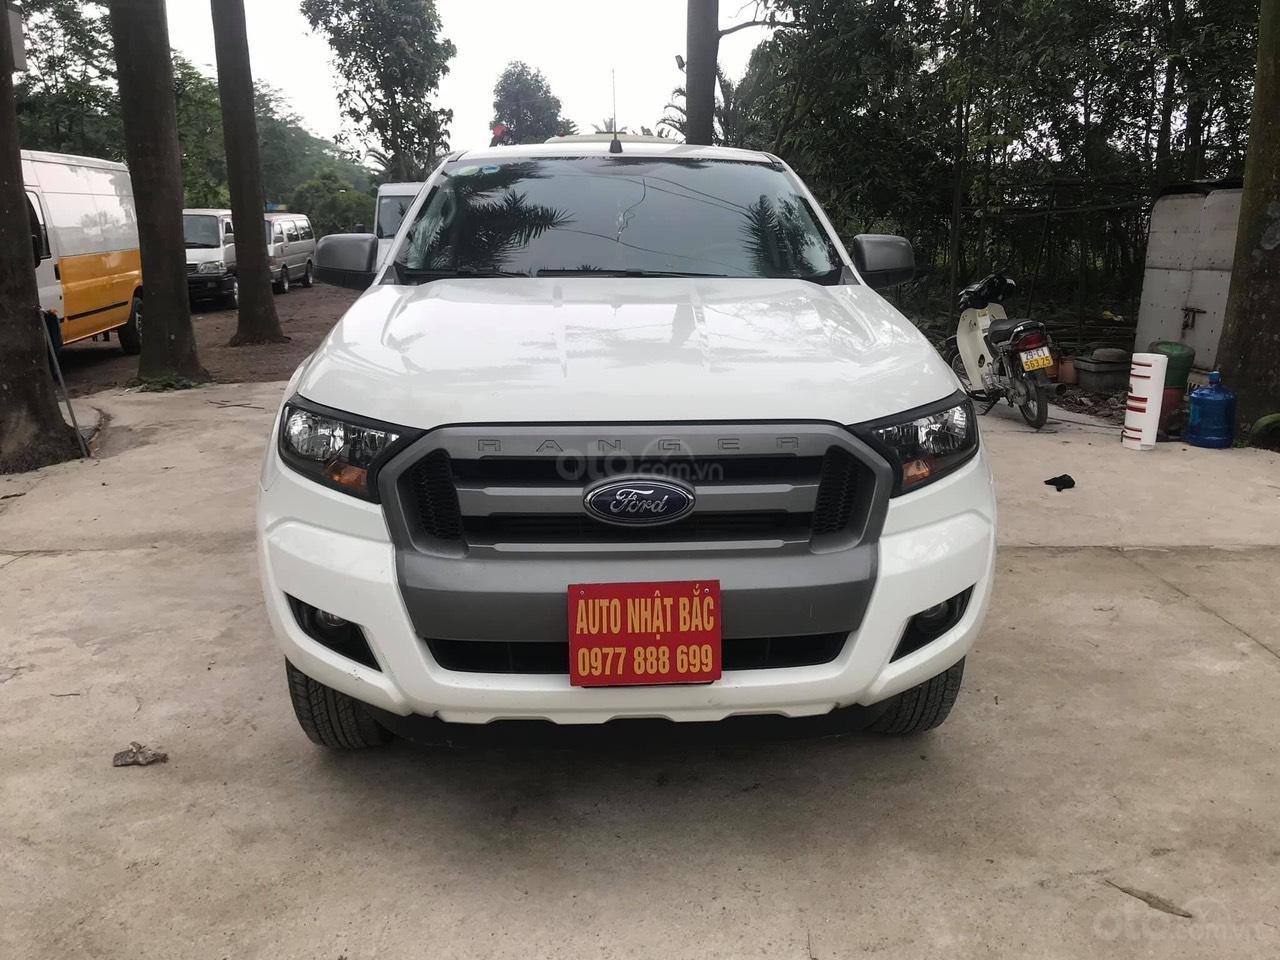 Bán Ford Ranger XLS đời 2016, số sàn 1 cầu, máy dầu 2.2, nhập khẩu nguyên chiếc Thái Lan-0